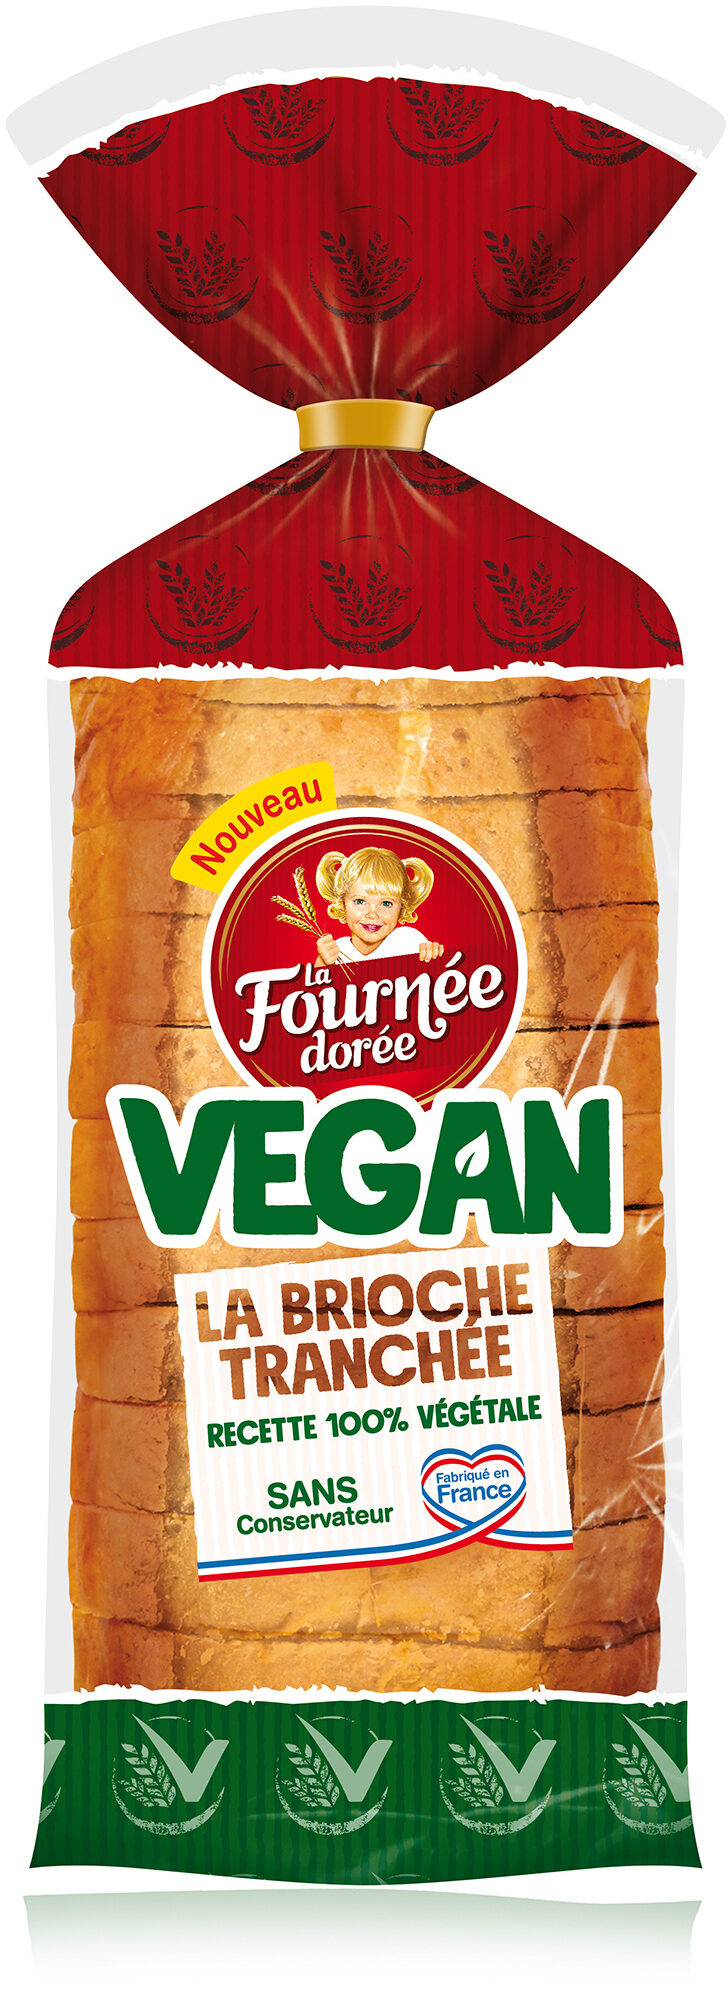 La brioche tranchée, recette 100% végétale - Product - fr